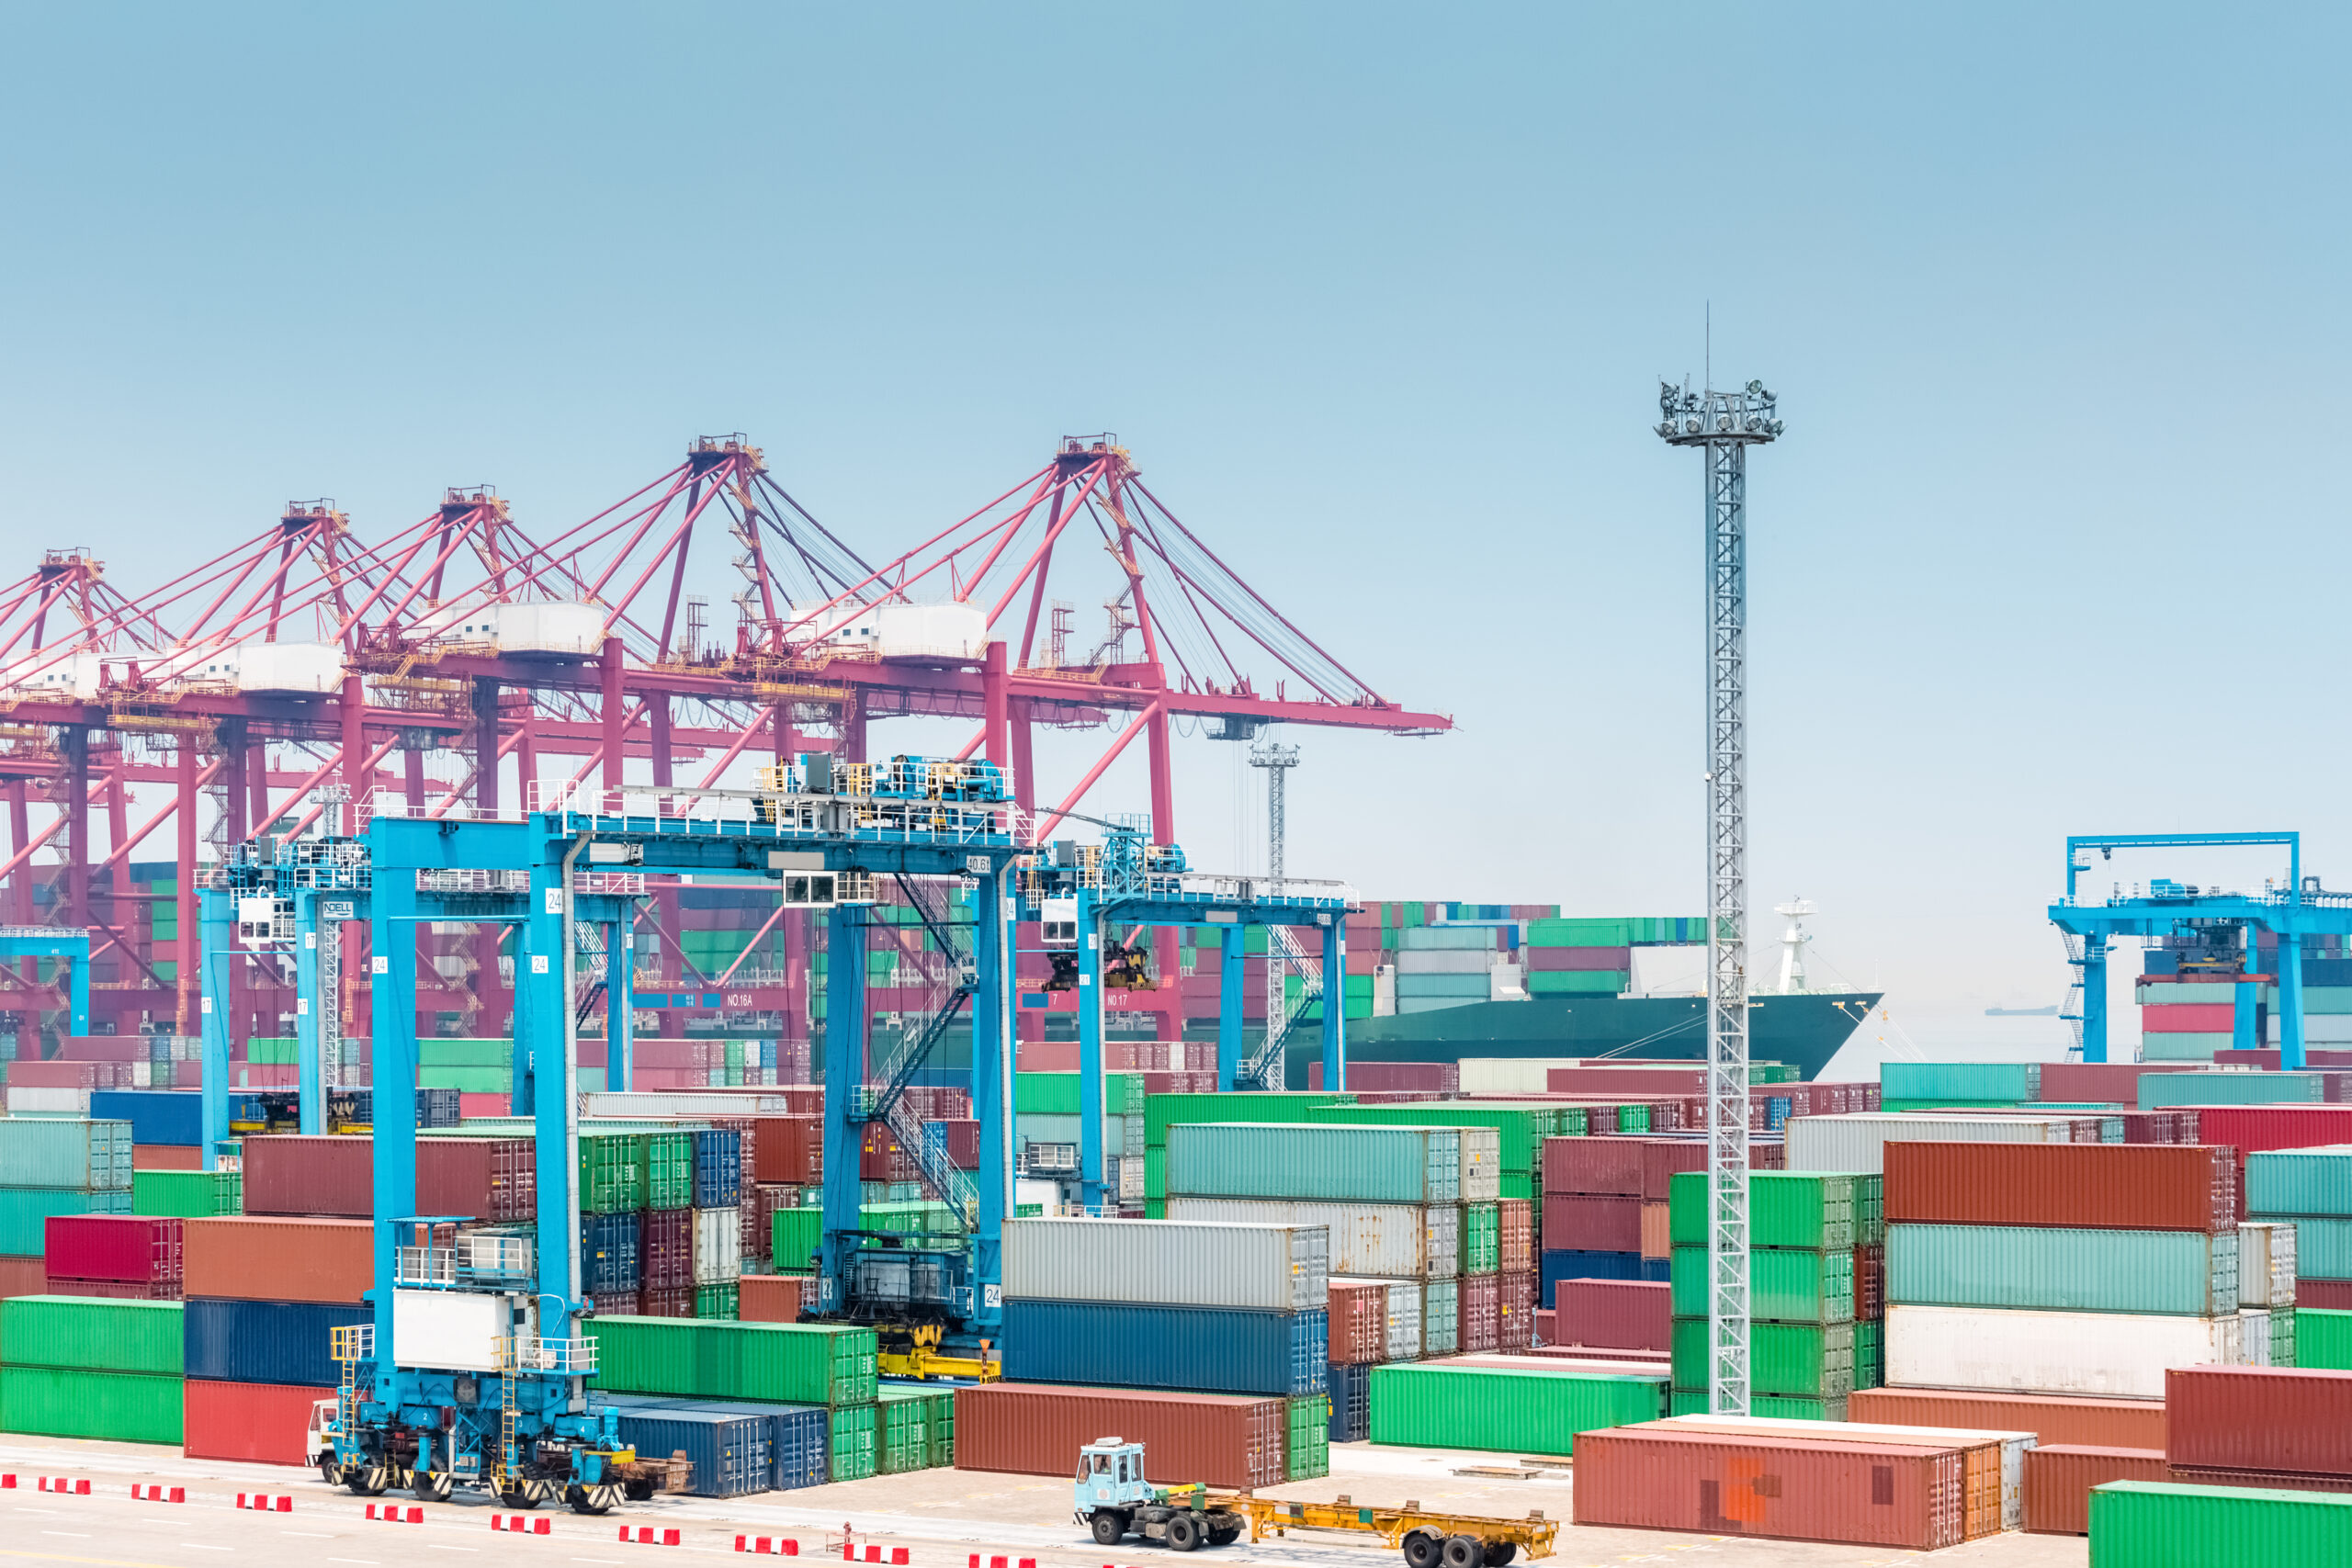 Paralisação nos portos da China: entenda tudo